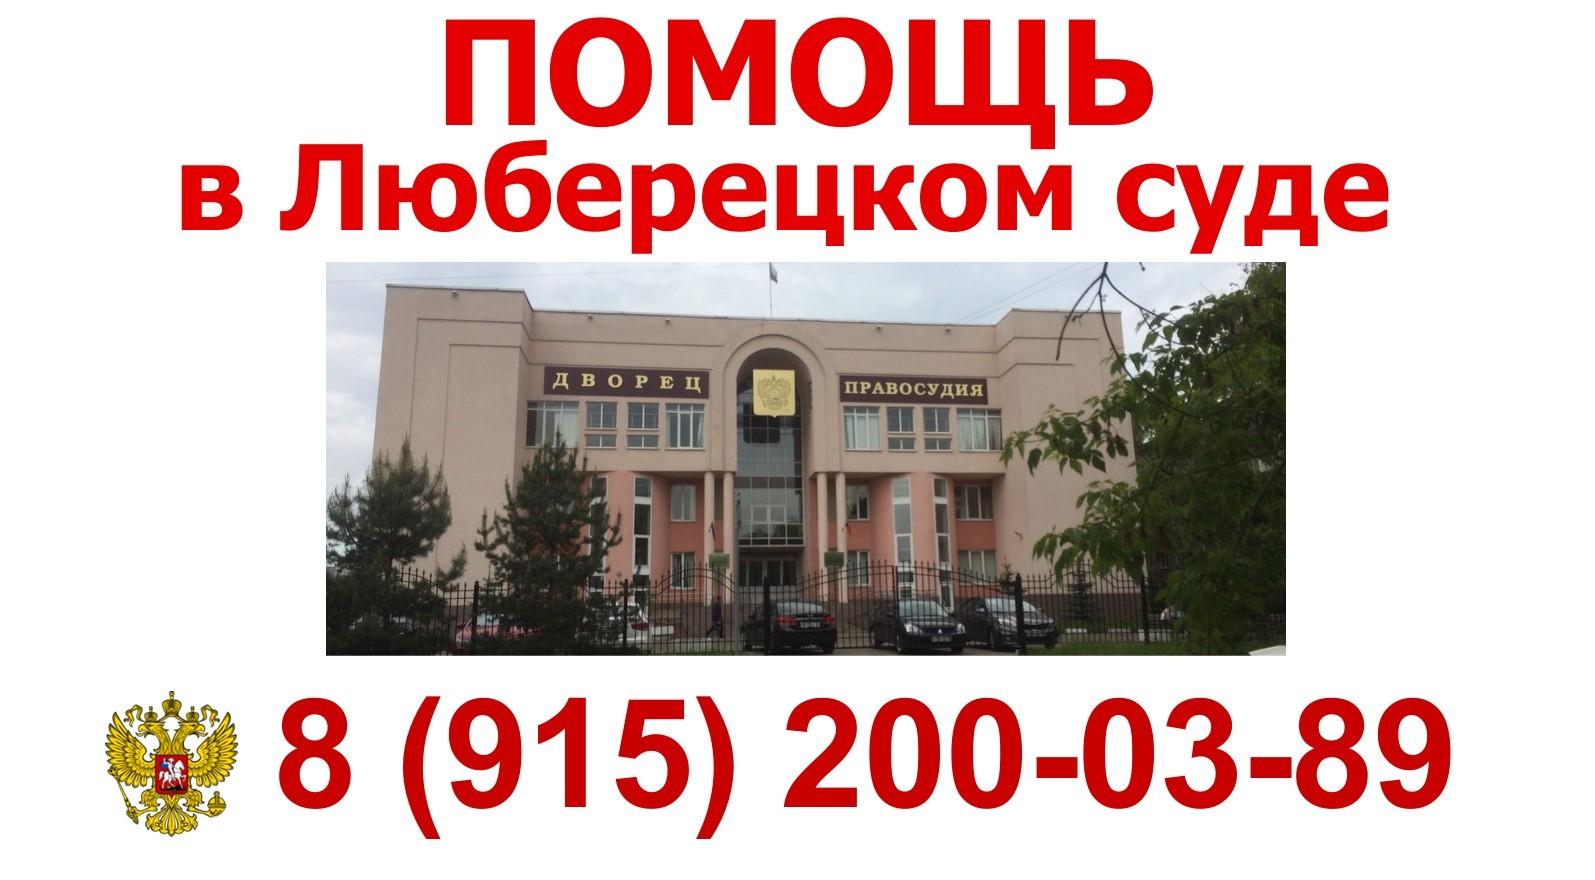 Люберецкий суд. Юрист Люберцы